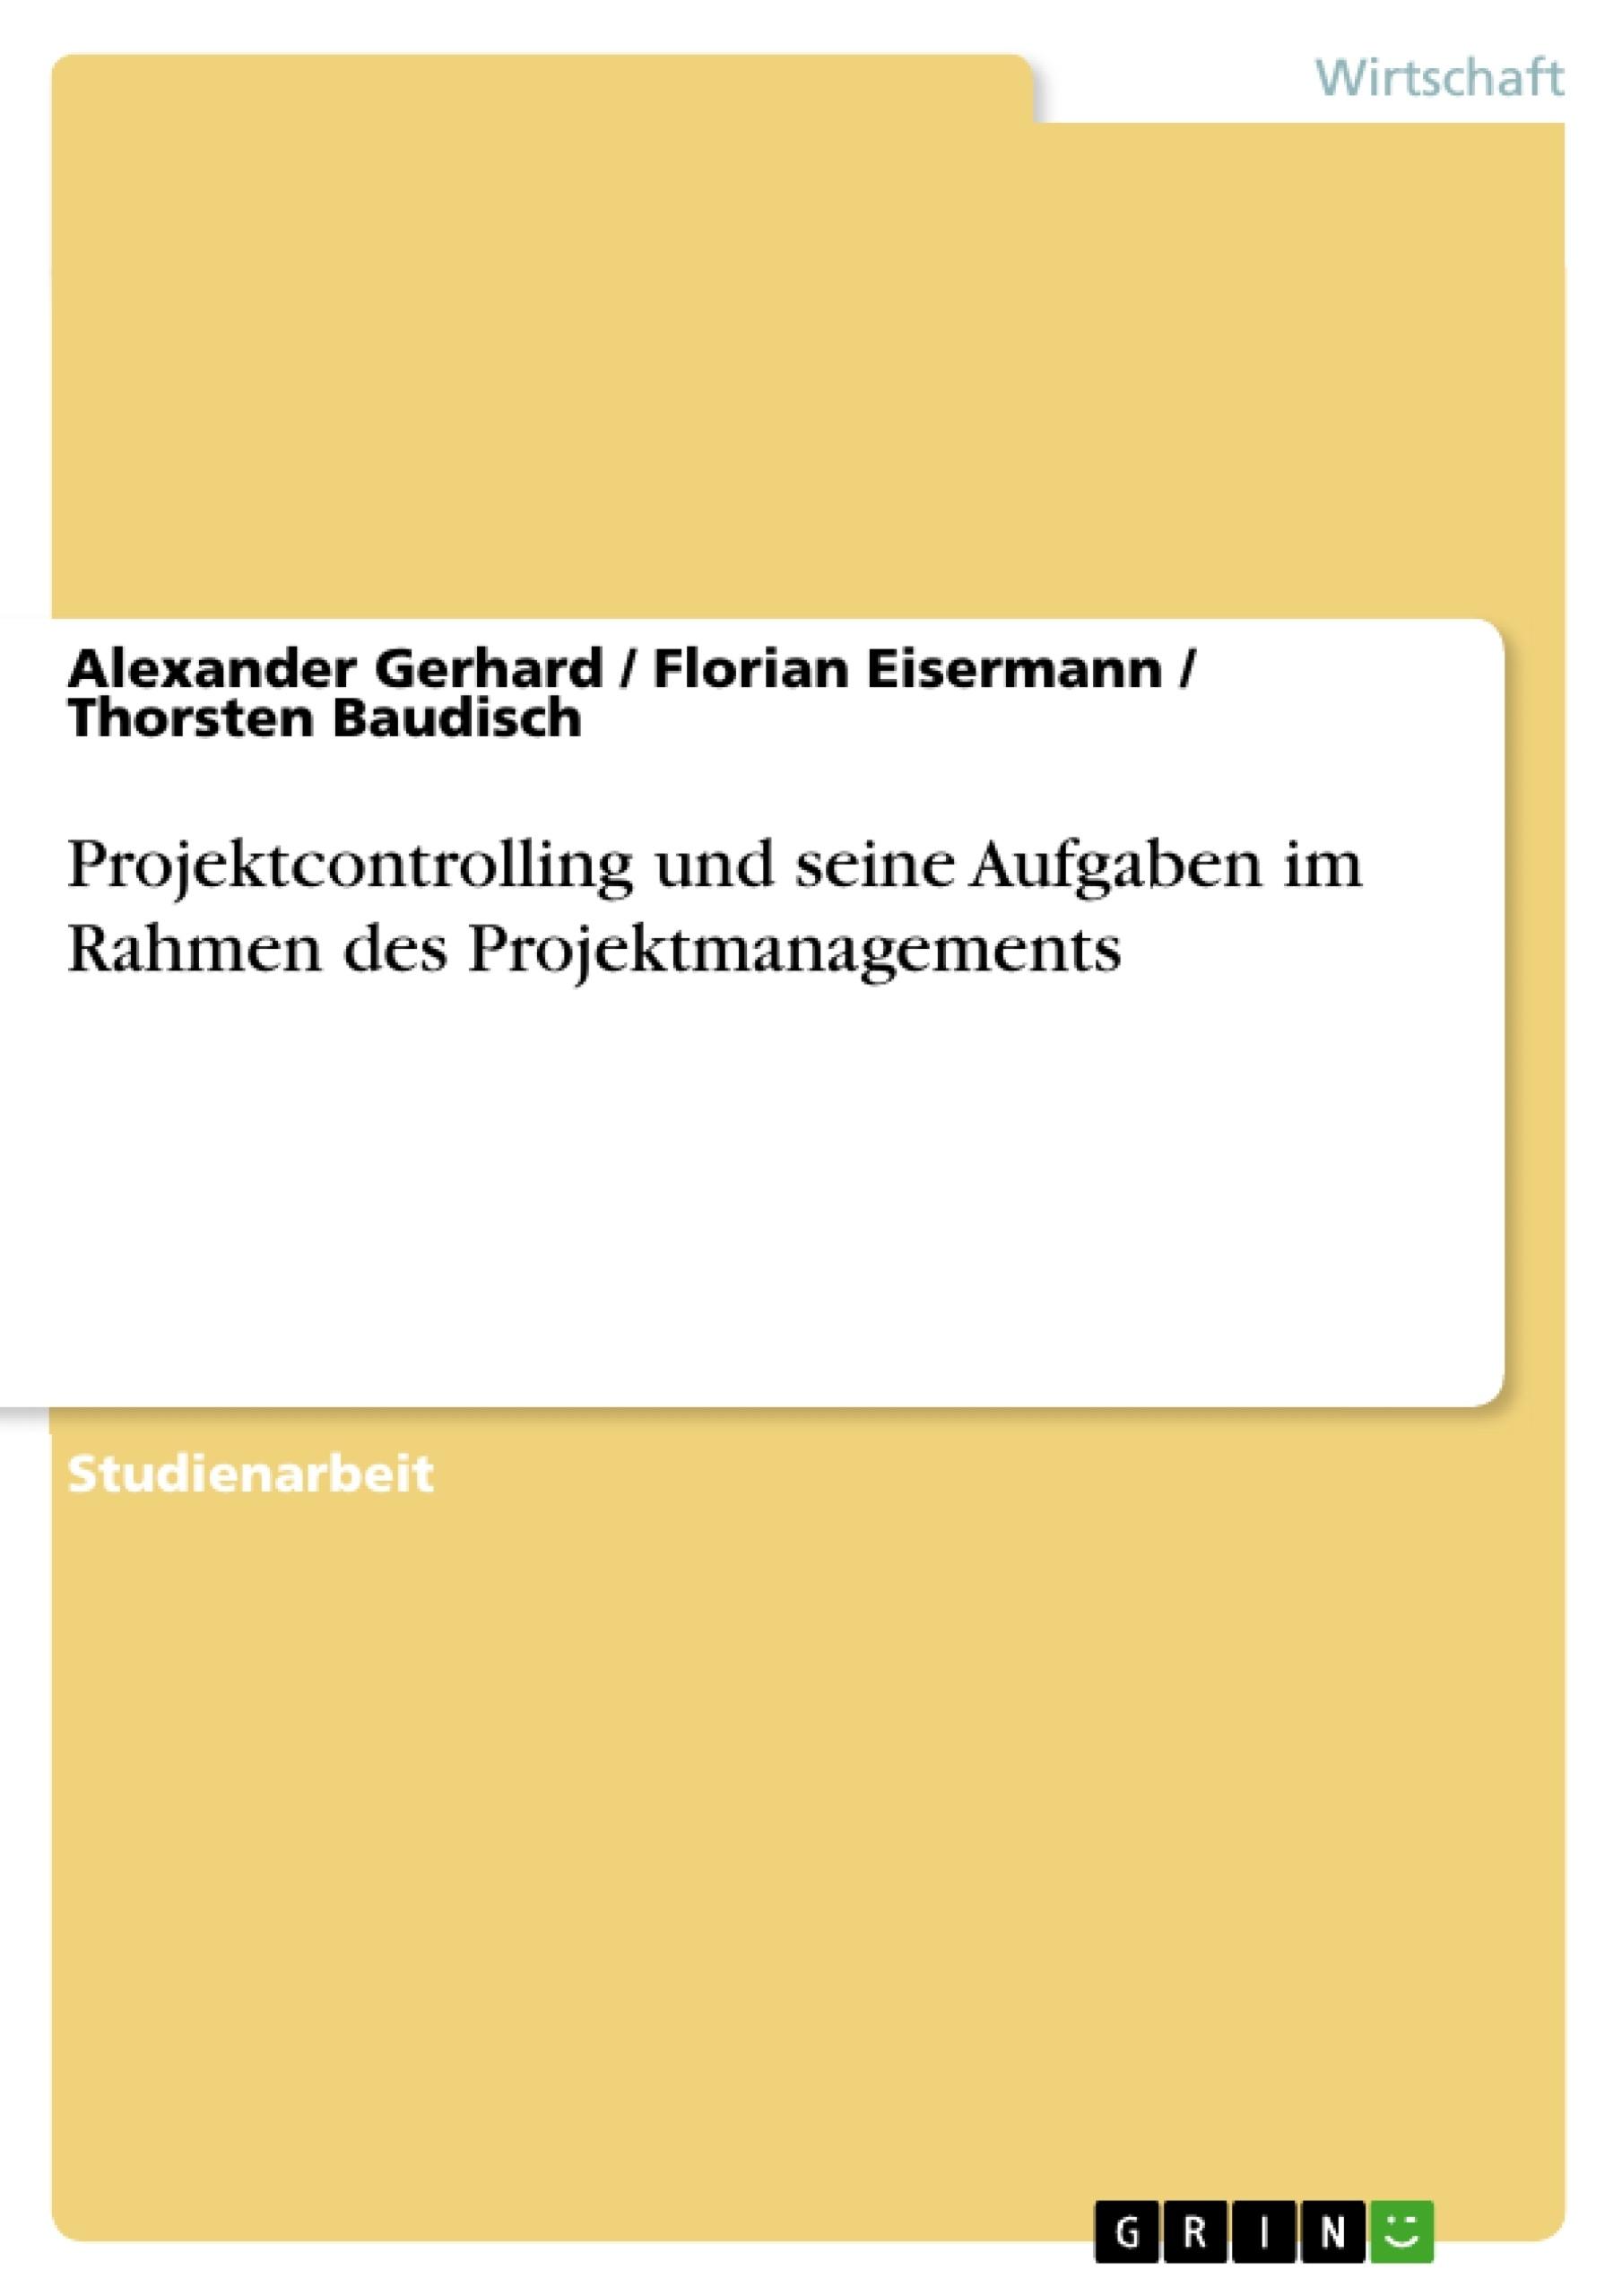 Titel: Projektcontrolling und seine Aufgaben im Rahmen des Projektmanagements